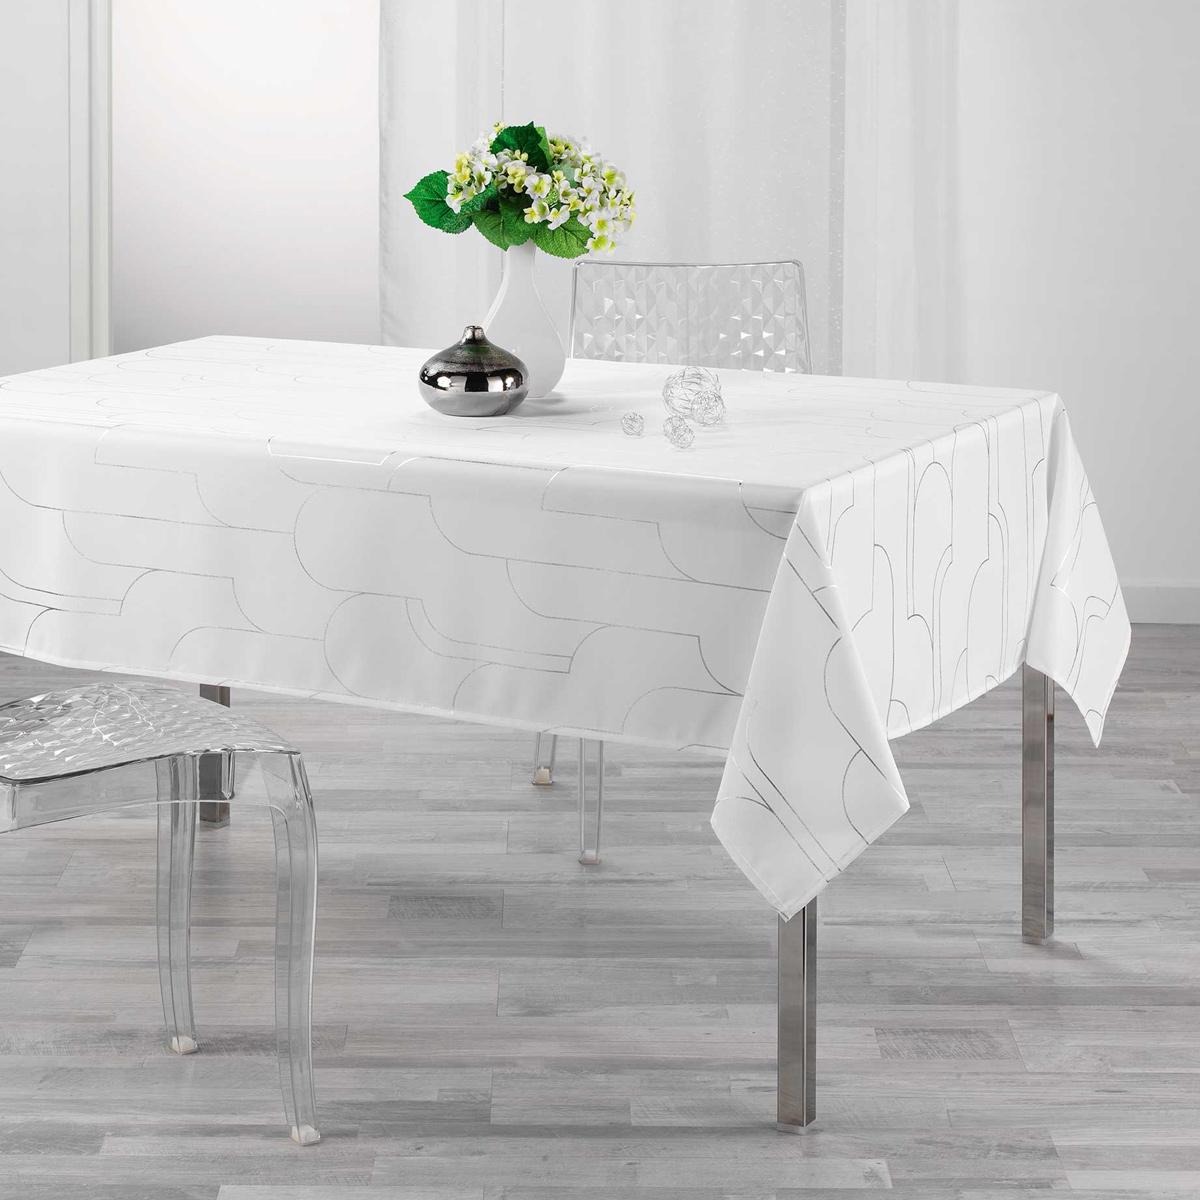 Αλέκιαστο Τραπεζομάντηλο (150×240) L-C Domea Blanc 1722672